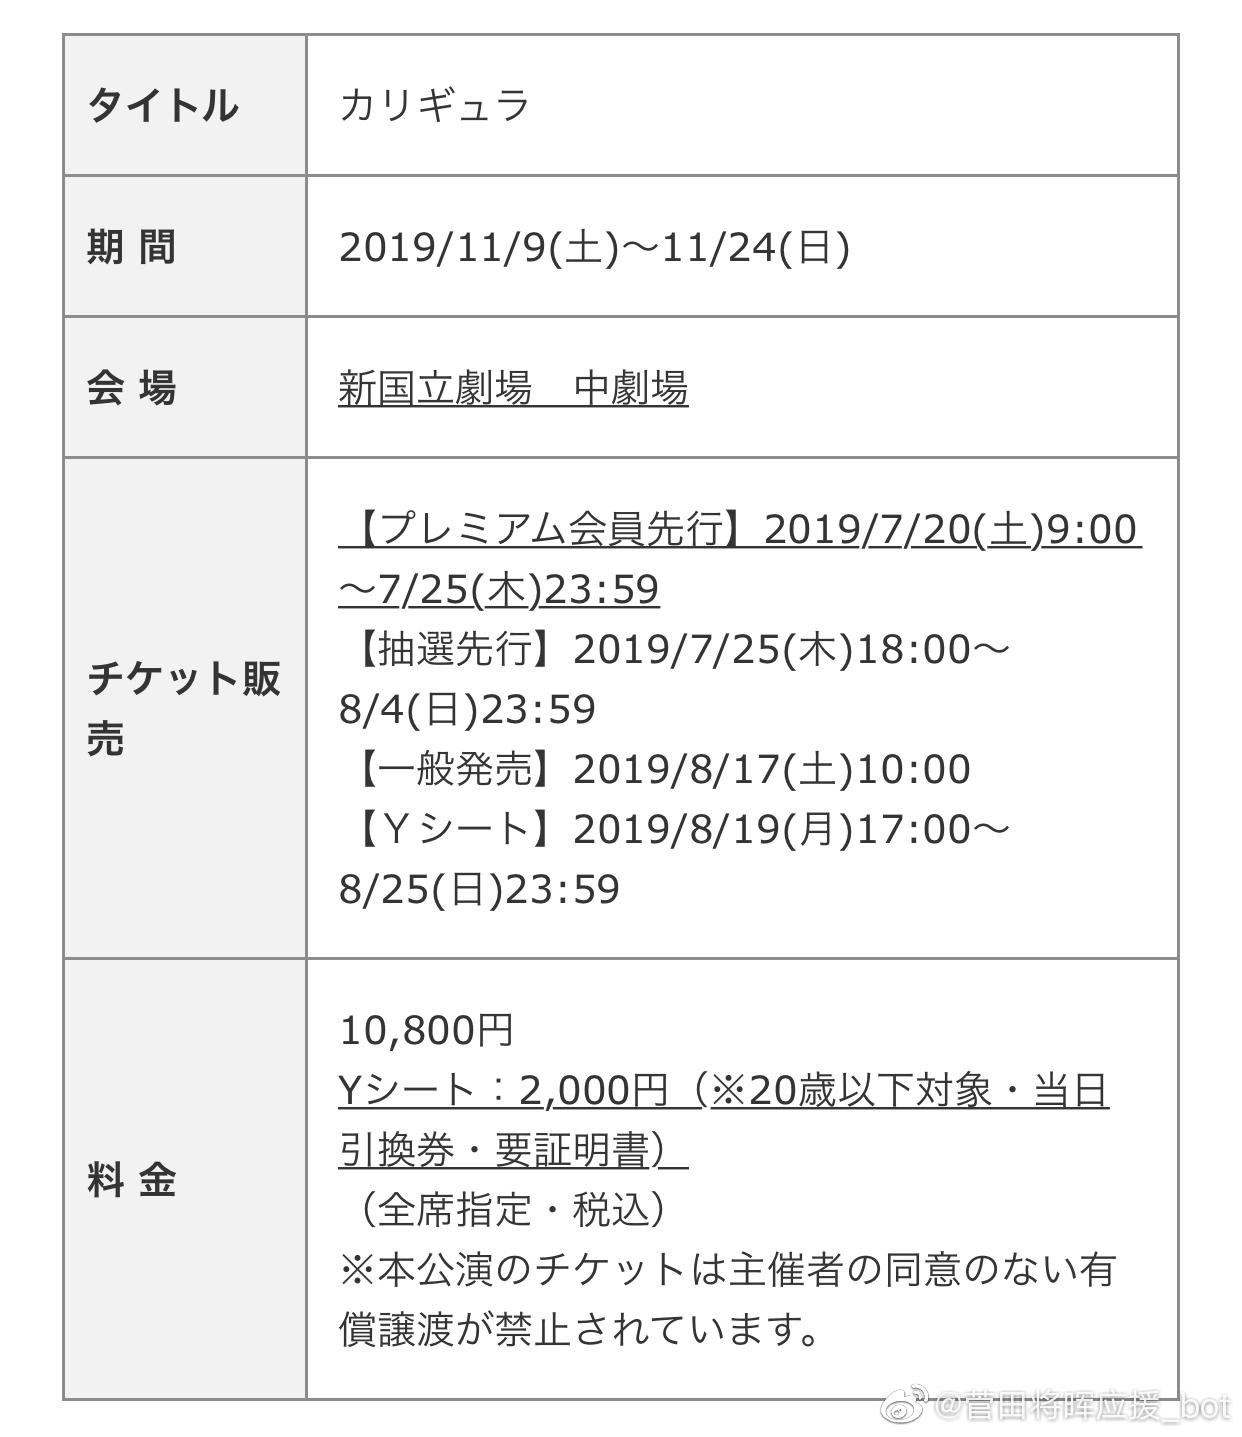 【卡里古拉】舞台剧《卡里古拉》horipro抽选及购票详情(以下全部东京时间)